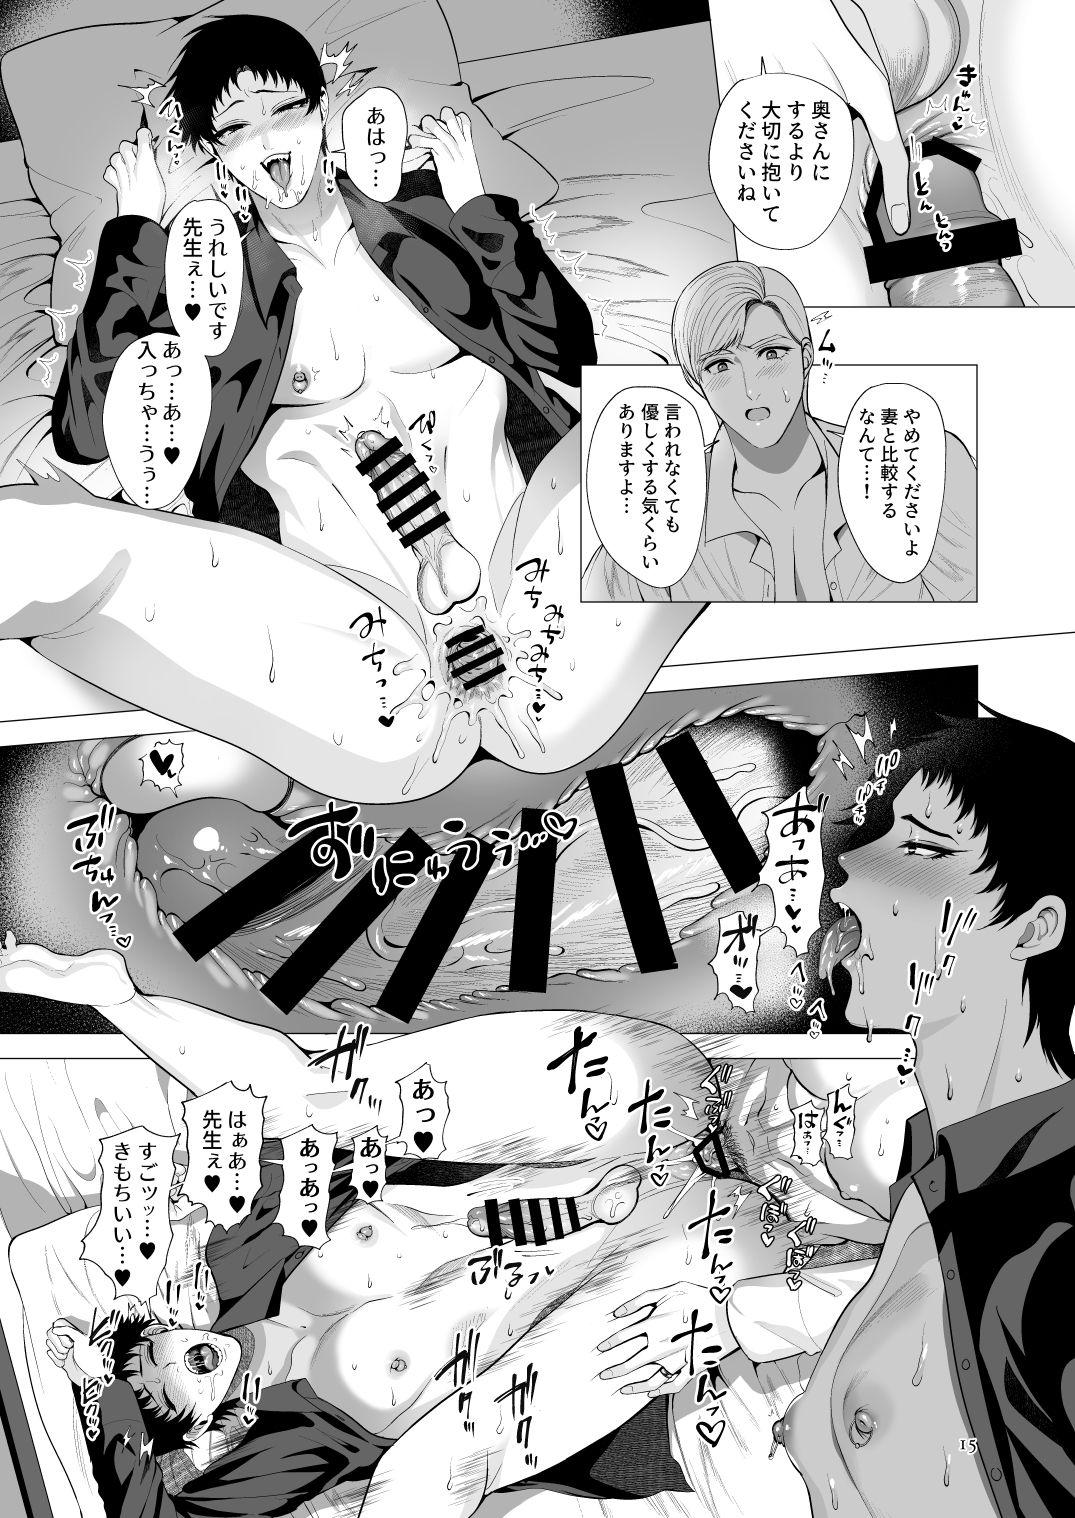 Kyozou no Sugata wa Chichi ni Nite iru 13